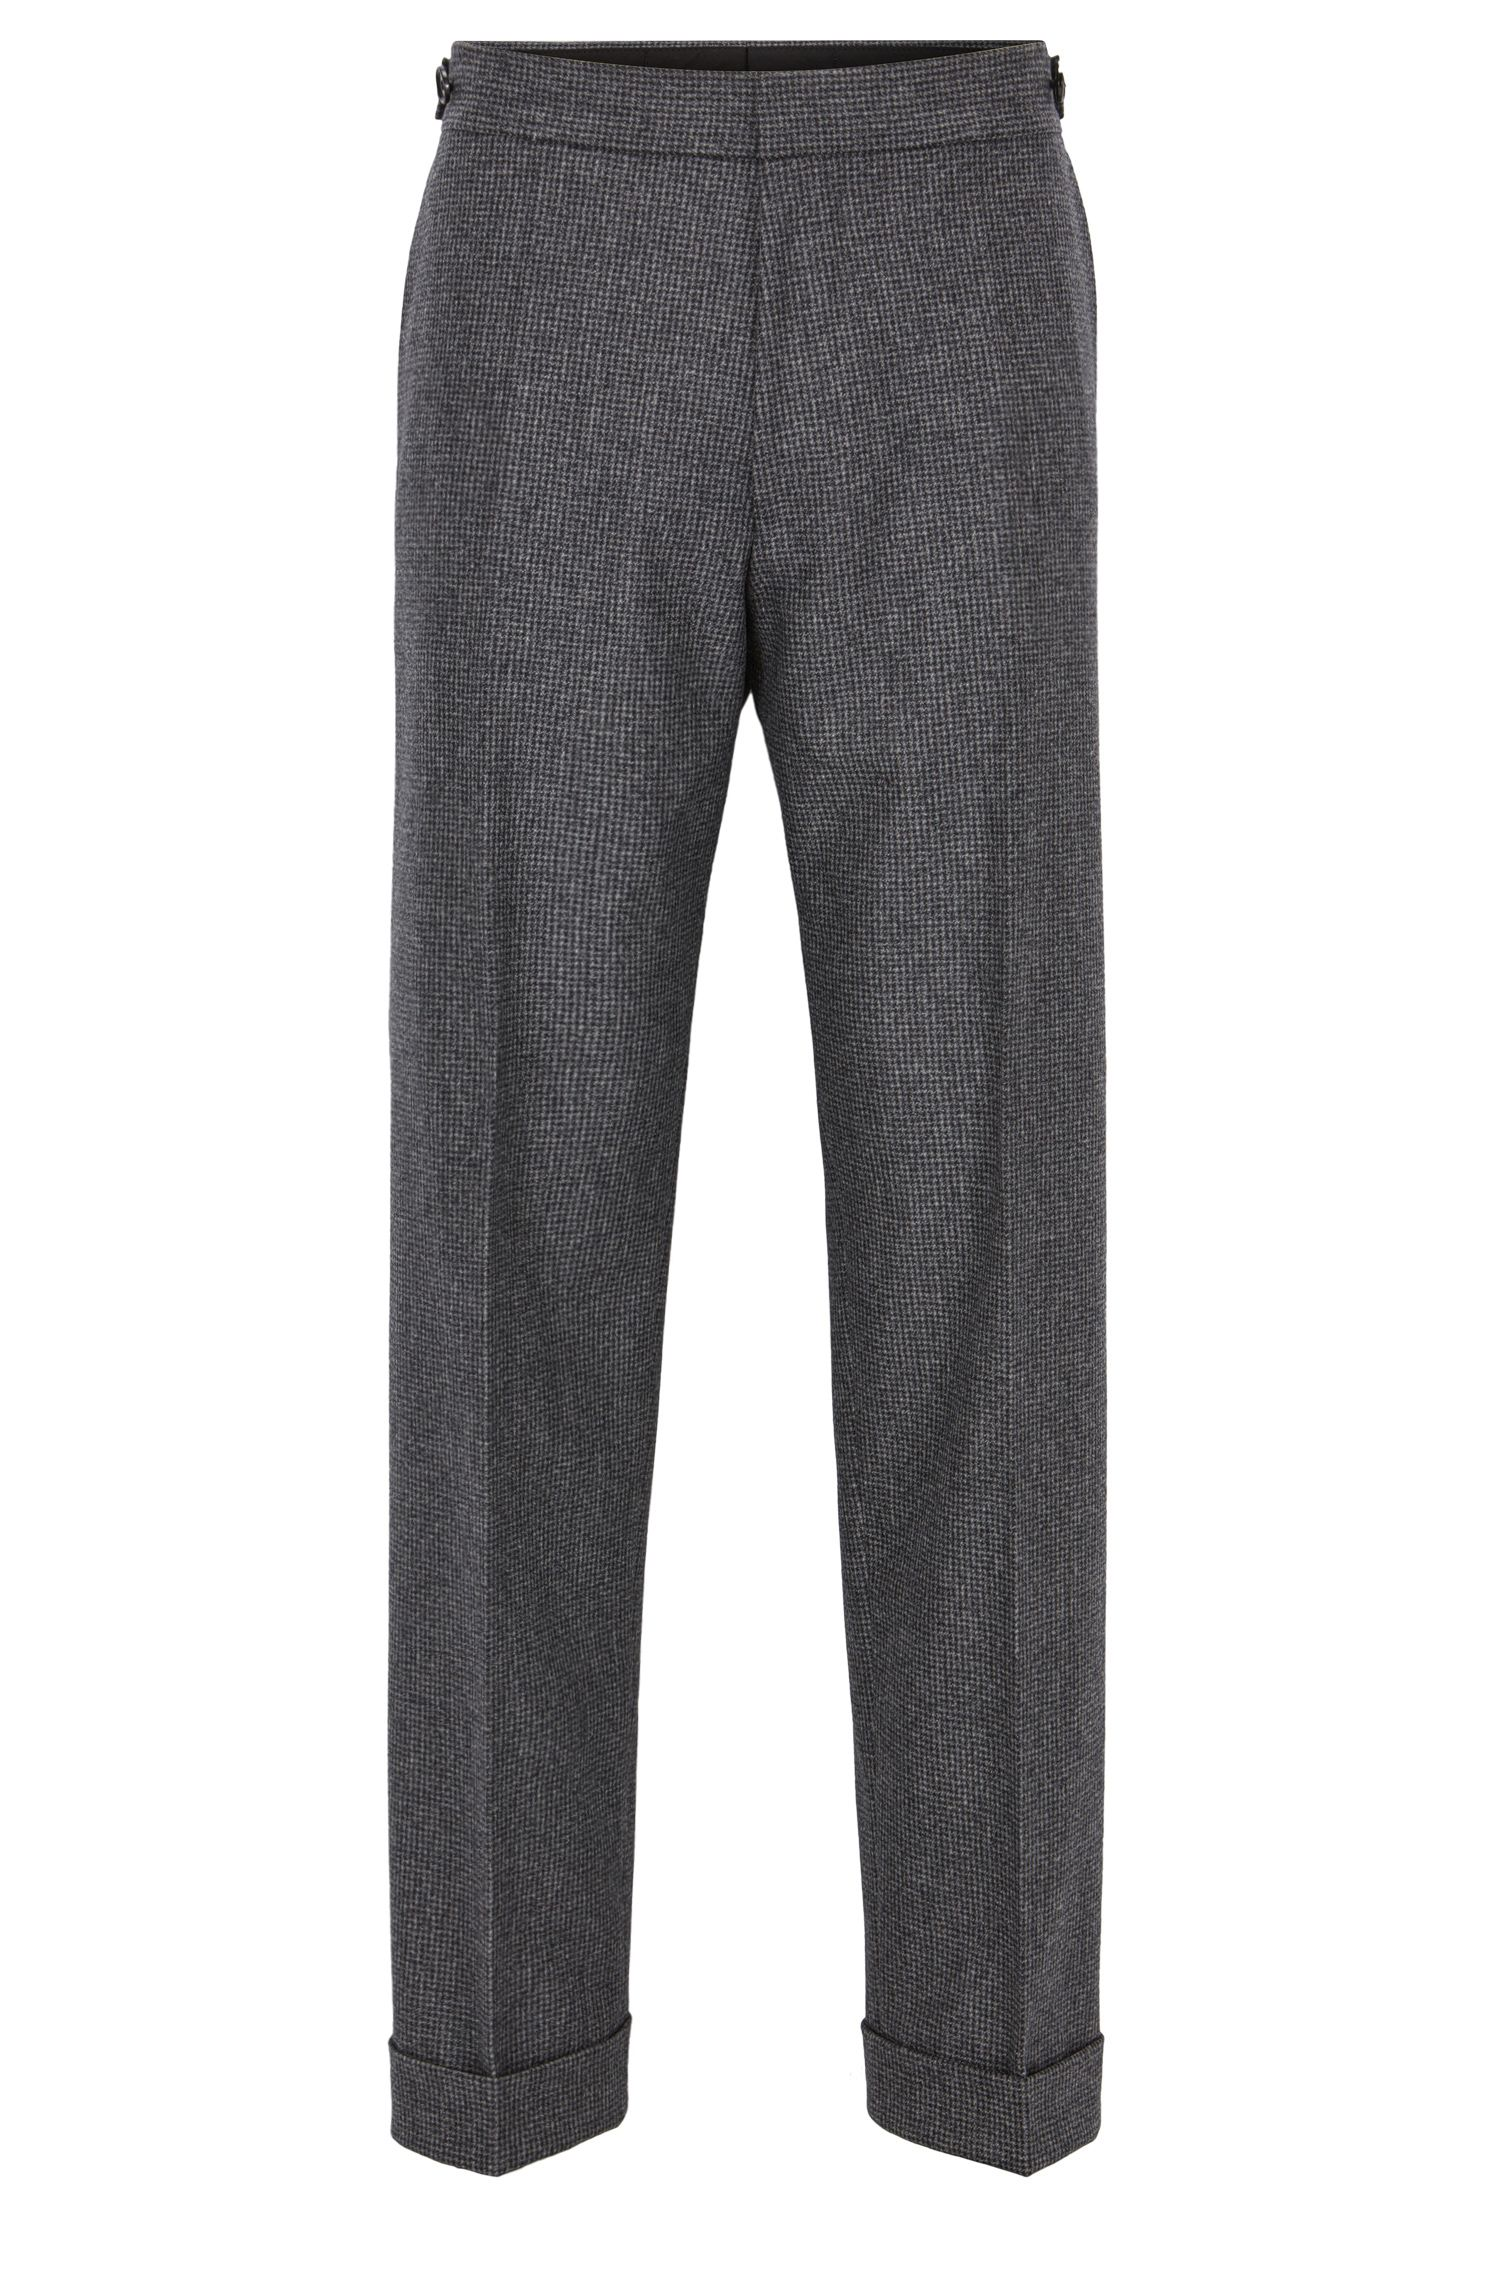 Relaxed-Fit Hose aus Schurwolle mit Hahnentritt-Muster